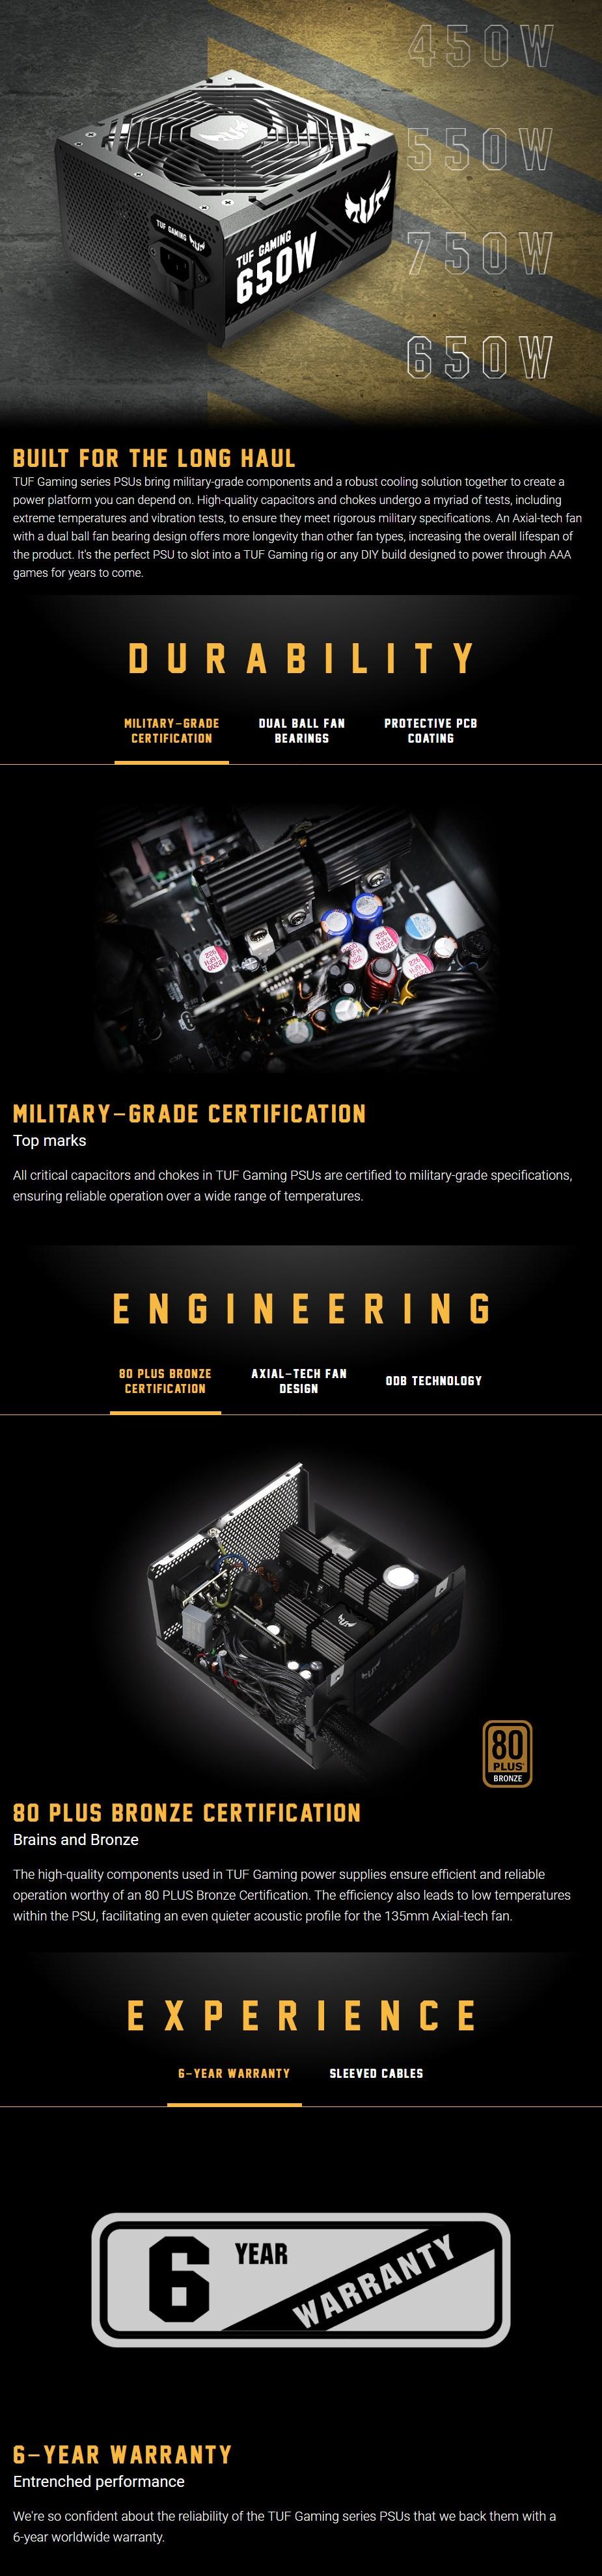 asus-tuf-gaming-450w-80-bronze-non-modular-power-supply-ac39665-6.jpg